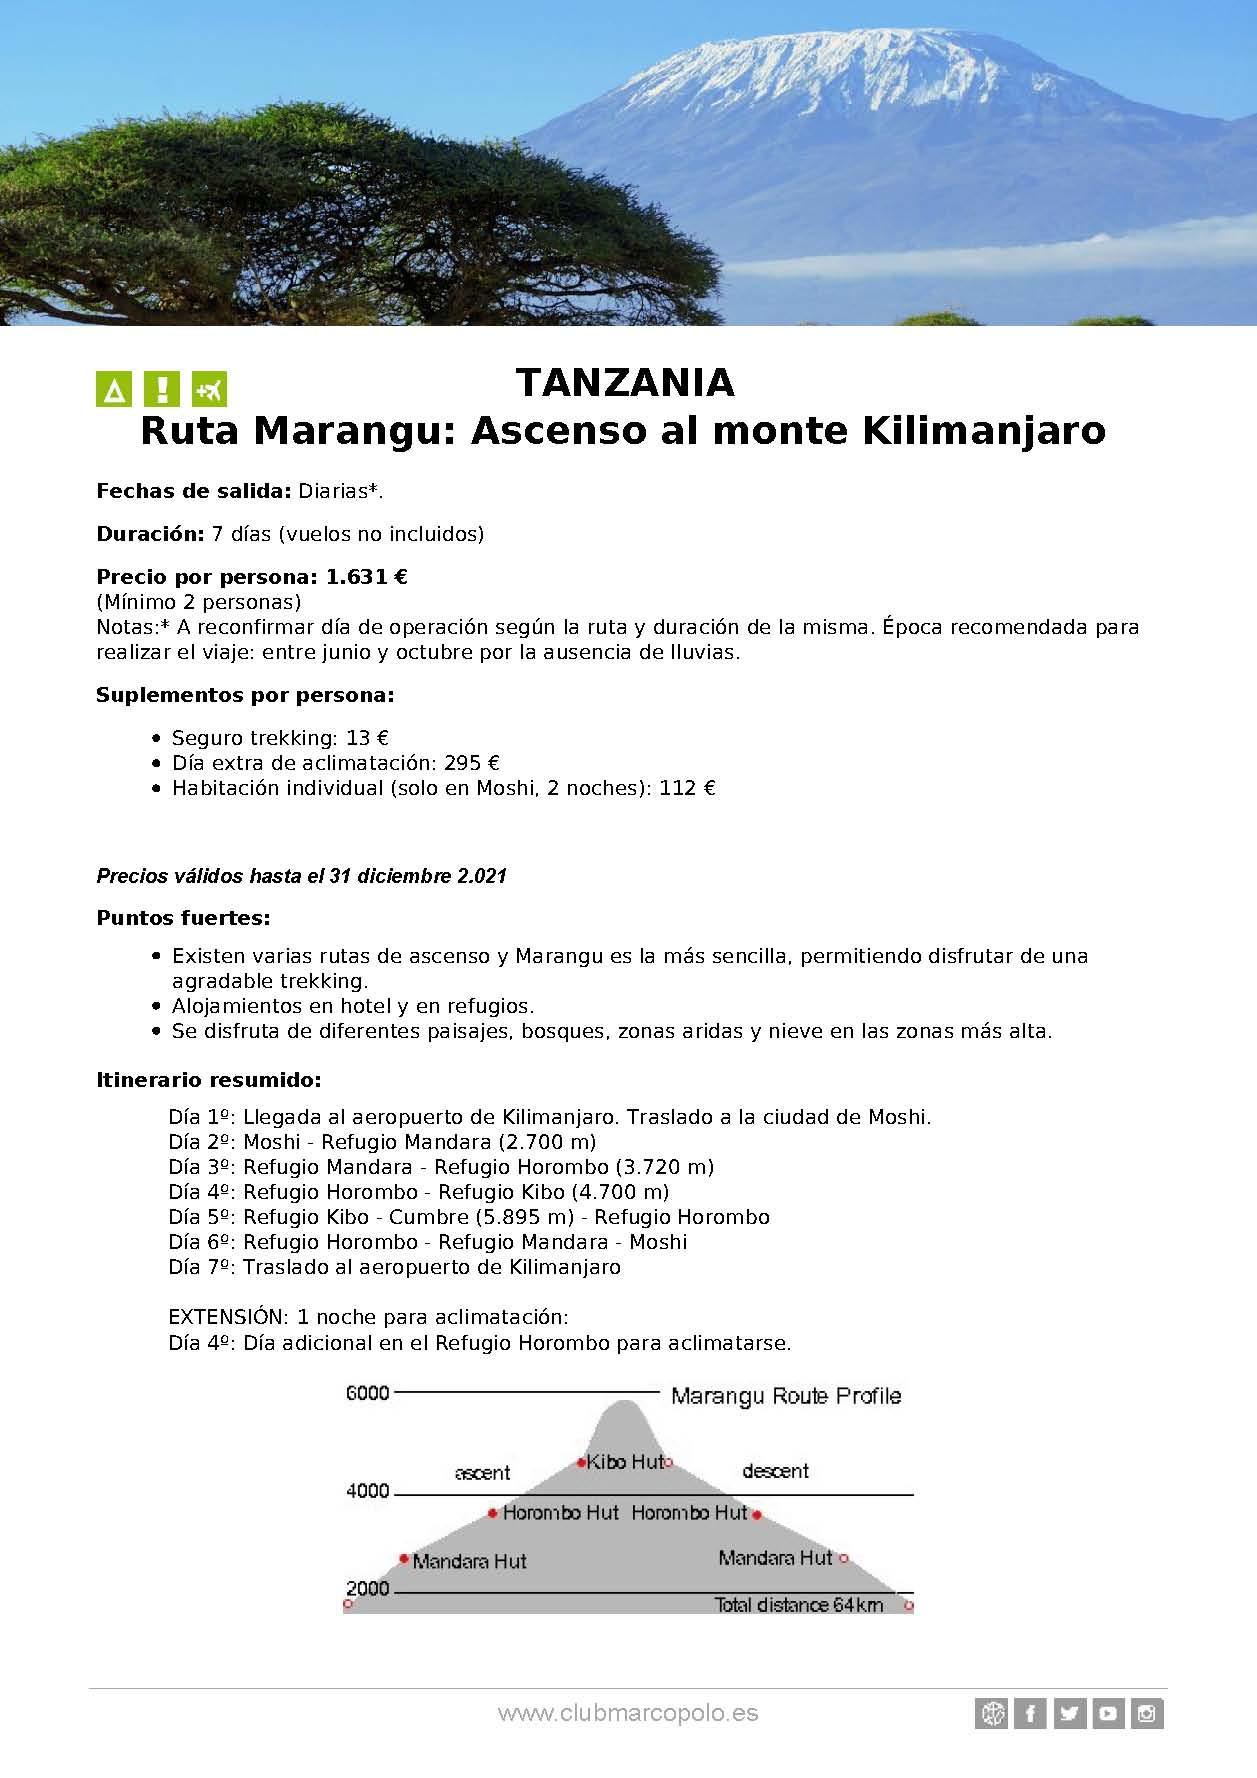 Oferta Club Marco Polo viaje a Tanzania Verano 2021 Ruta Marangu con ascenso al Kilimanjaro